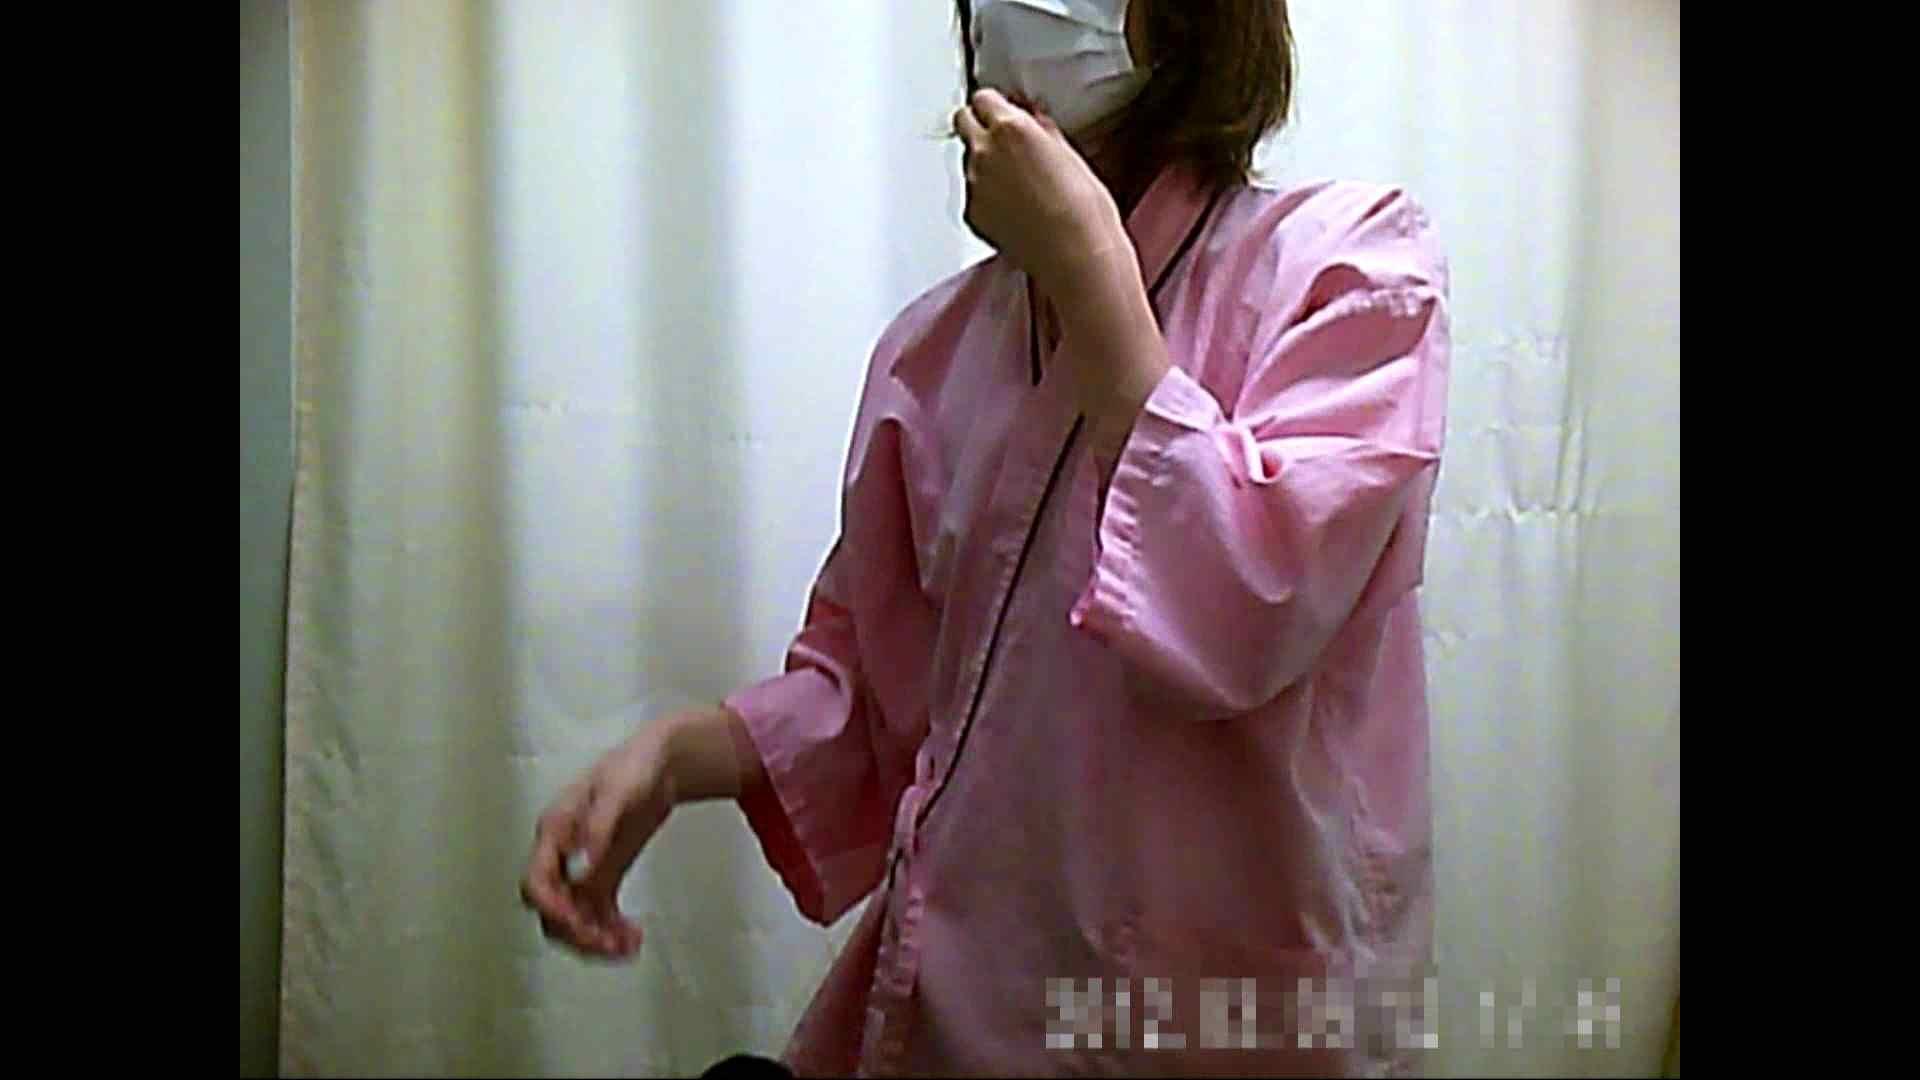 元医者による反抗 更衣室地獄絵巻 vol.032 お姉さんのSEX セックス無修正動画無料 90枚 89